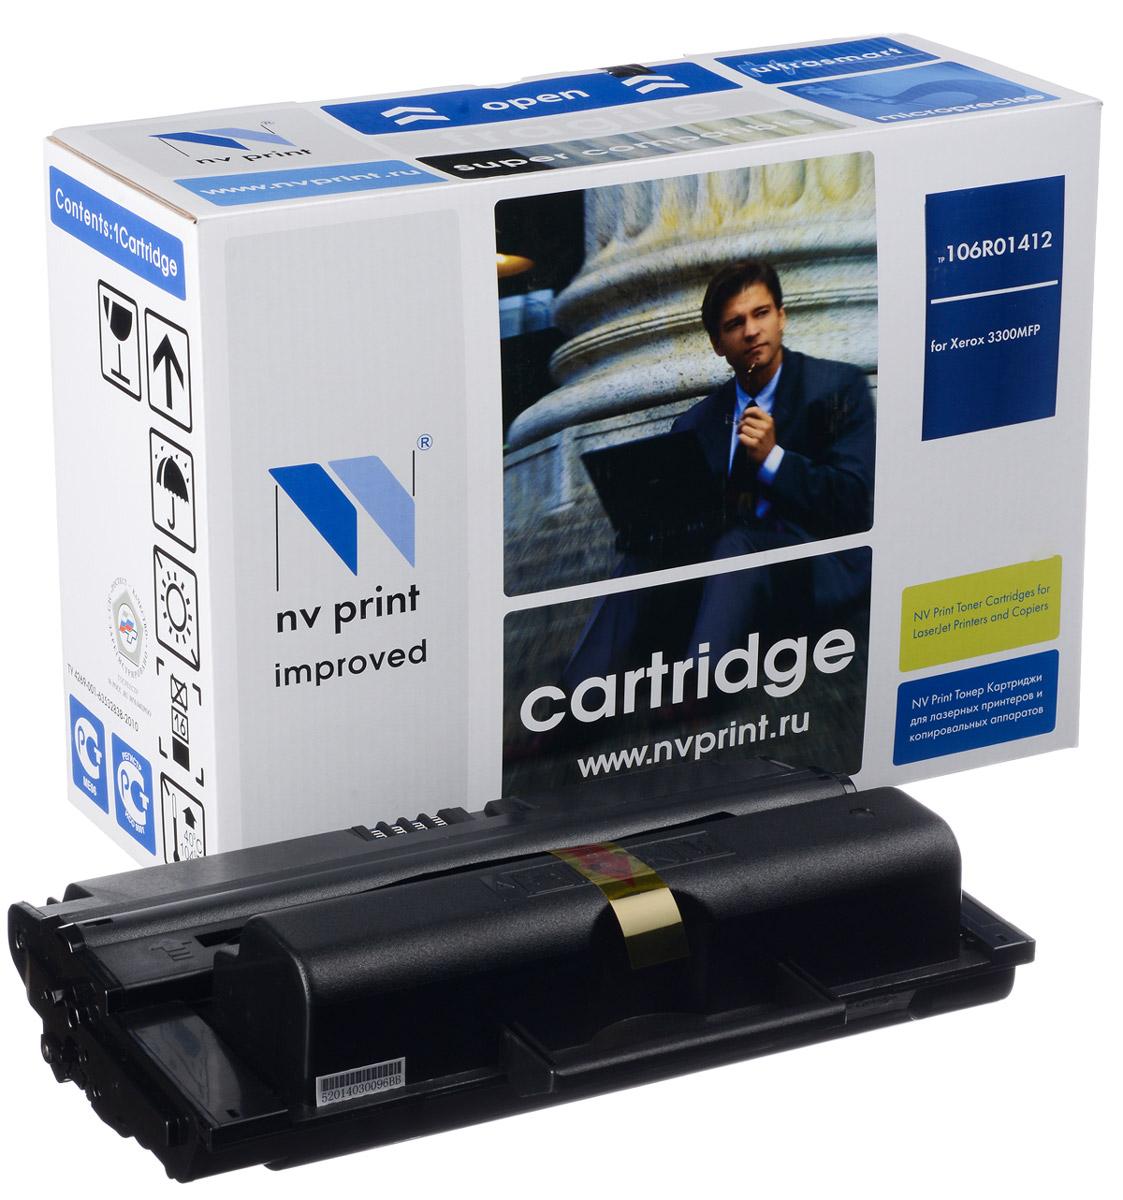 NV Print 106R01412, Black тонер-картридж для Xerox Phaser 3300MFPNV-106R01412Совместимый лазерный картридж NV Print 106R01412 для печатающих устройств Xerox Phaser - это альтернатива приобретению оригинальных расходных материалов. При этом качество печати остается высоким. Картридж обеспечивает повышенную чёткость чёрного текста и плавность переходов оттенков серого цвета и полутонов, позволяет отображать мельчайшие детали изображения. Лазерные принтеры, копировальные аппараты и МФУ являются более выгодными в печати, чем струйные устройства, так как лазерных картриджей хватает на значительно большее количество отпечатков, чем обычных. Для печати в данном случае используются не чернила, а тонер.